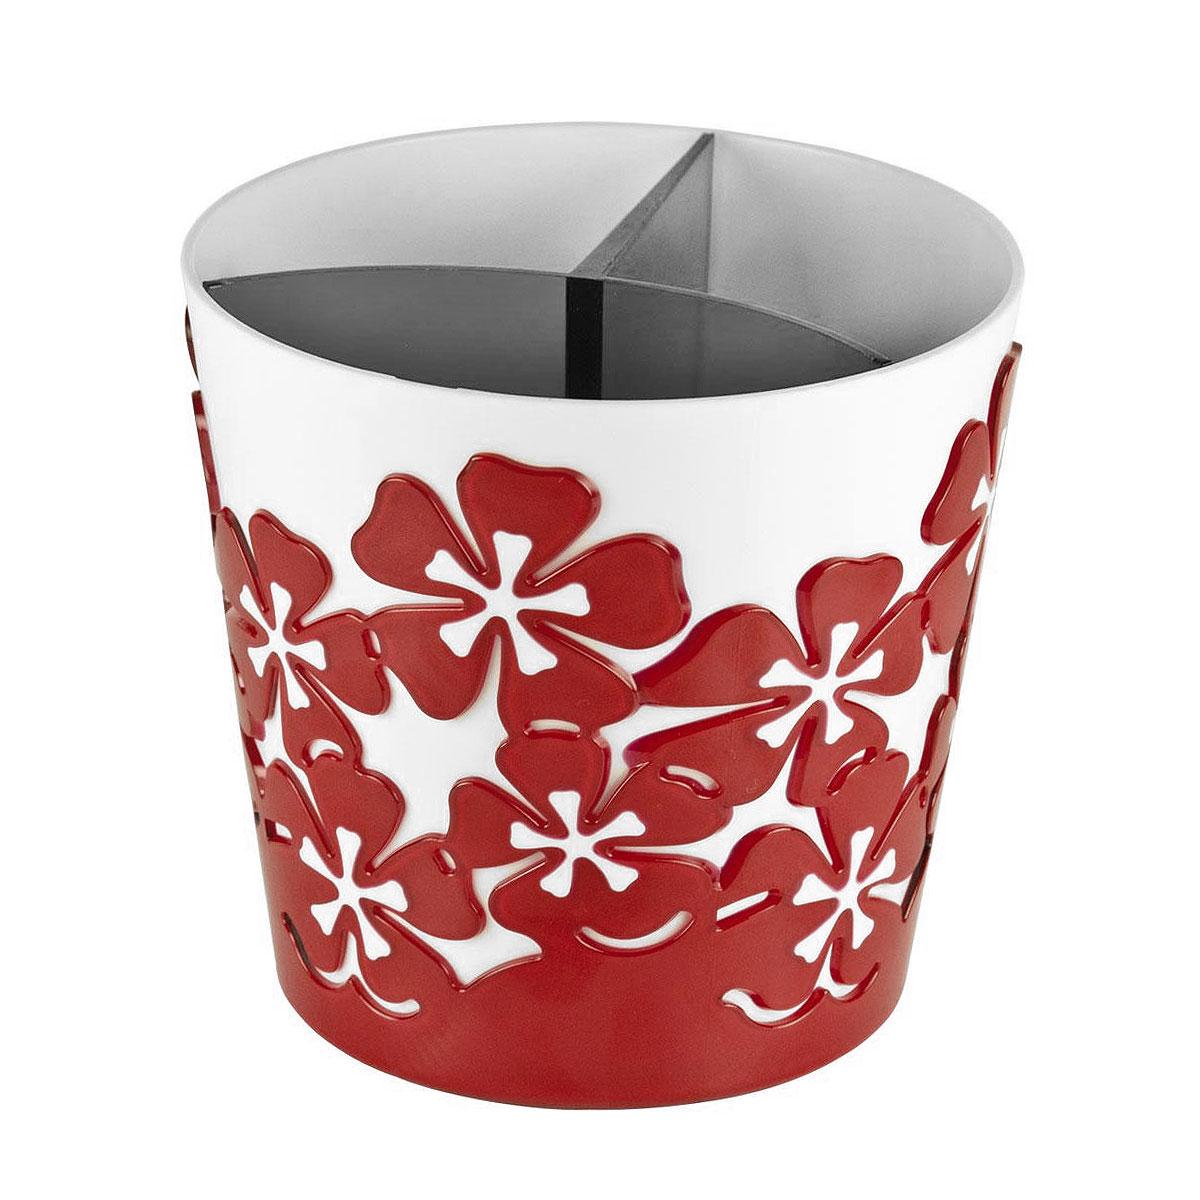 Подставка для столовых приборов Альтернатива Камелия, цвет: красныйМ1927Подставка для столовых приборов Альтернатива Камелия, выполненная из высококачественного пластика, станет полезным приобретением для вашей кухни. Подставка имеет три отделения для разных видов столовых приборов. Изделие декорировано оригинальным цветочным узором. Красивая подставка для столовых приборов украсит любую кухню. Хорошо впишется в интерьер. Не займет много места, а столовые приборы будут всегда под рукой.